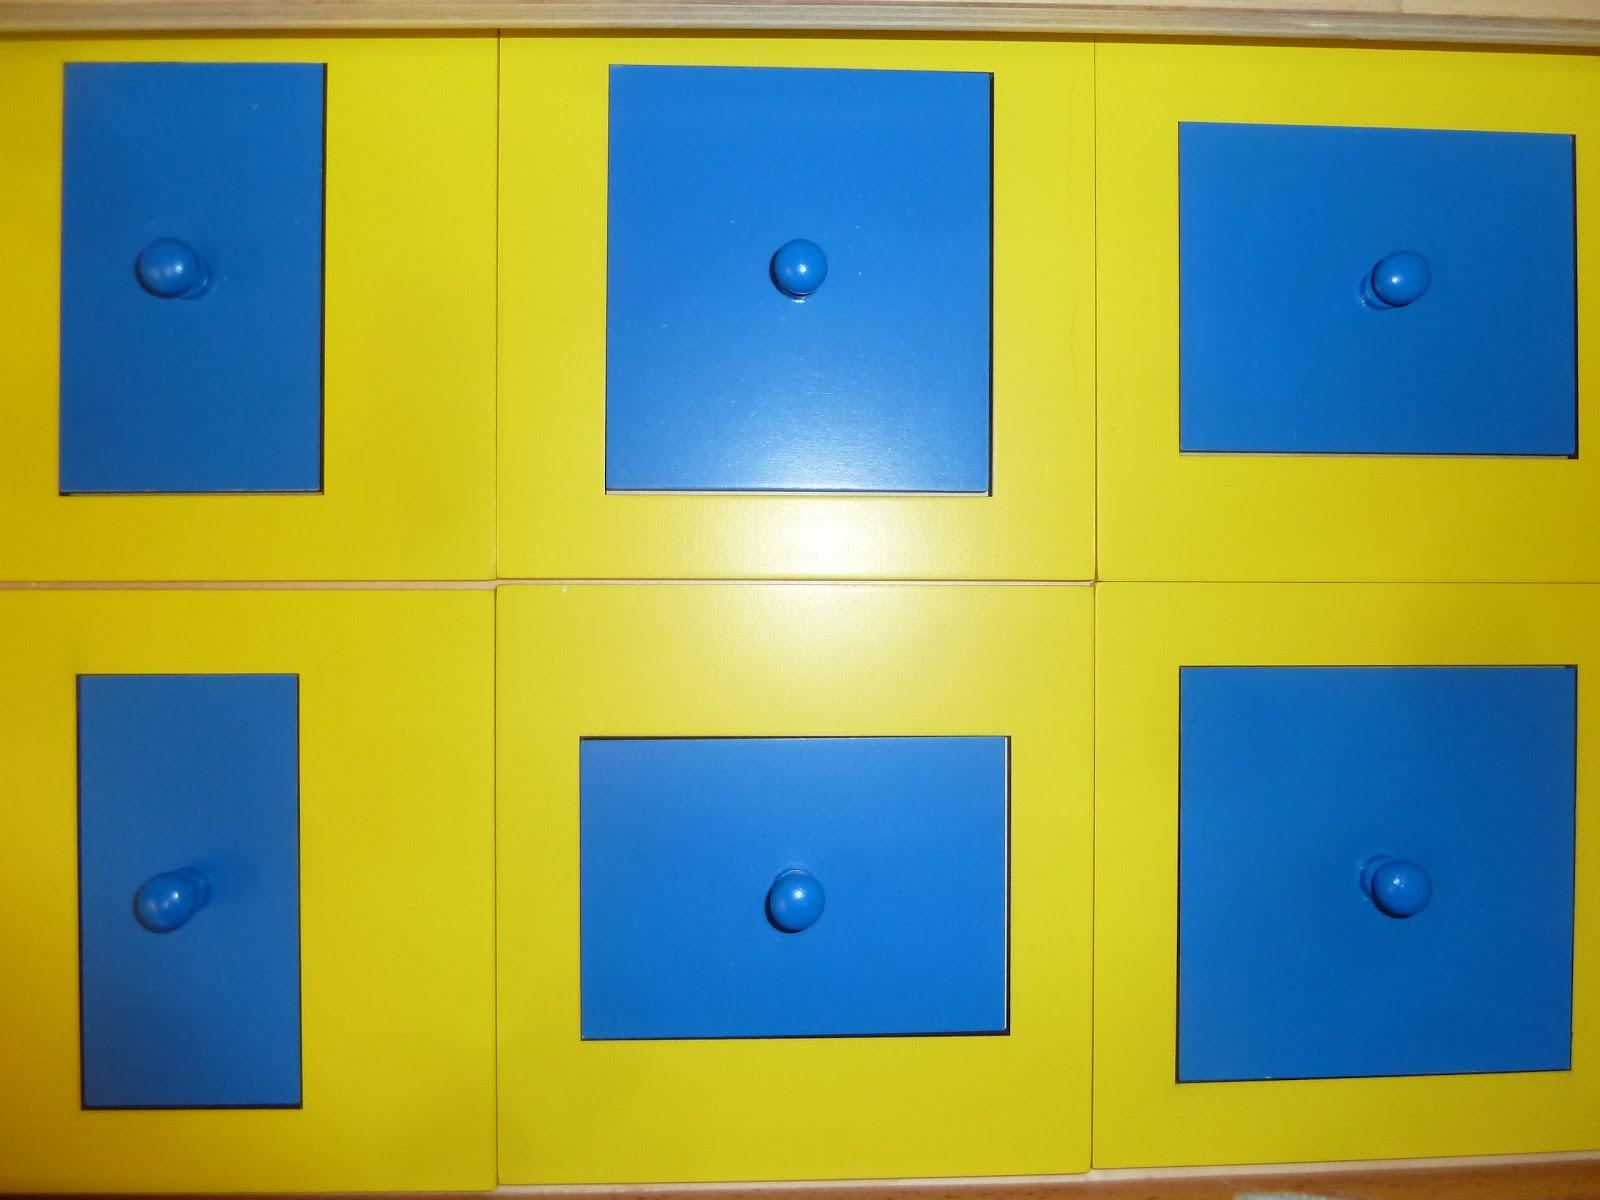 cabinet de g om trie montessori l 39 l mentaire autrement. Black Bedroom Furniture Sets. Home Design Ideas